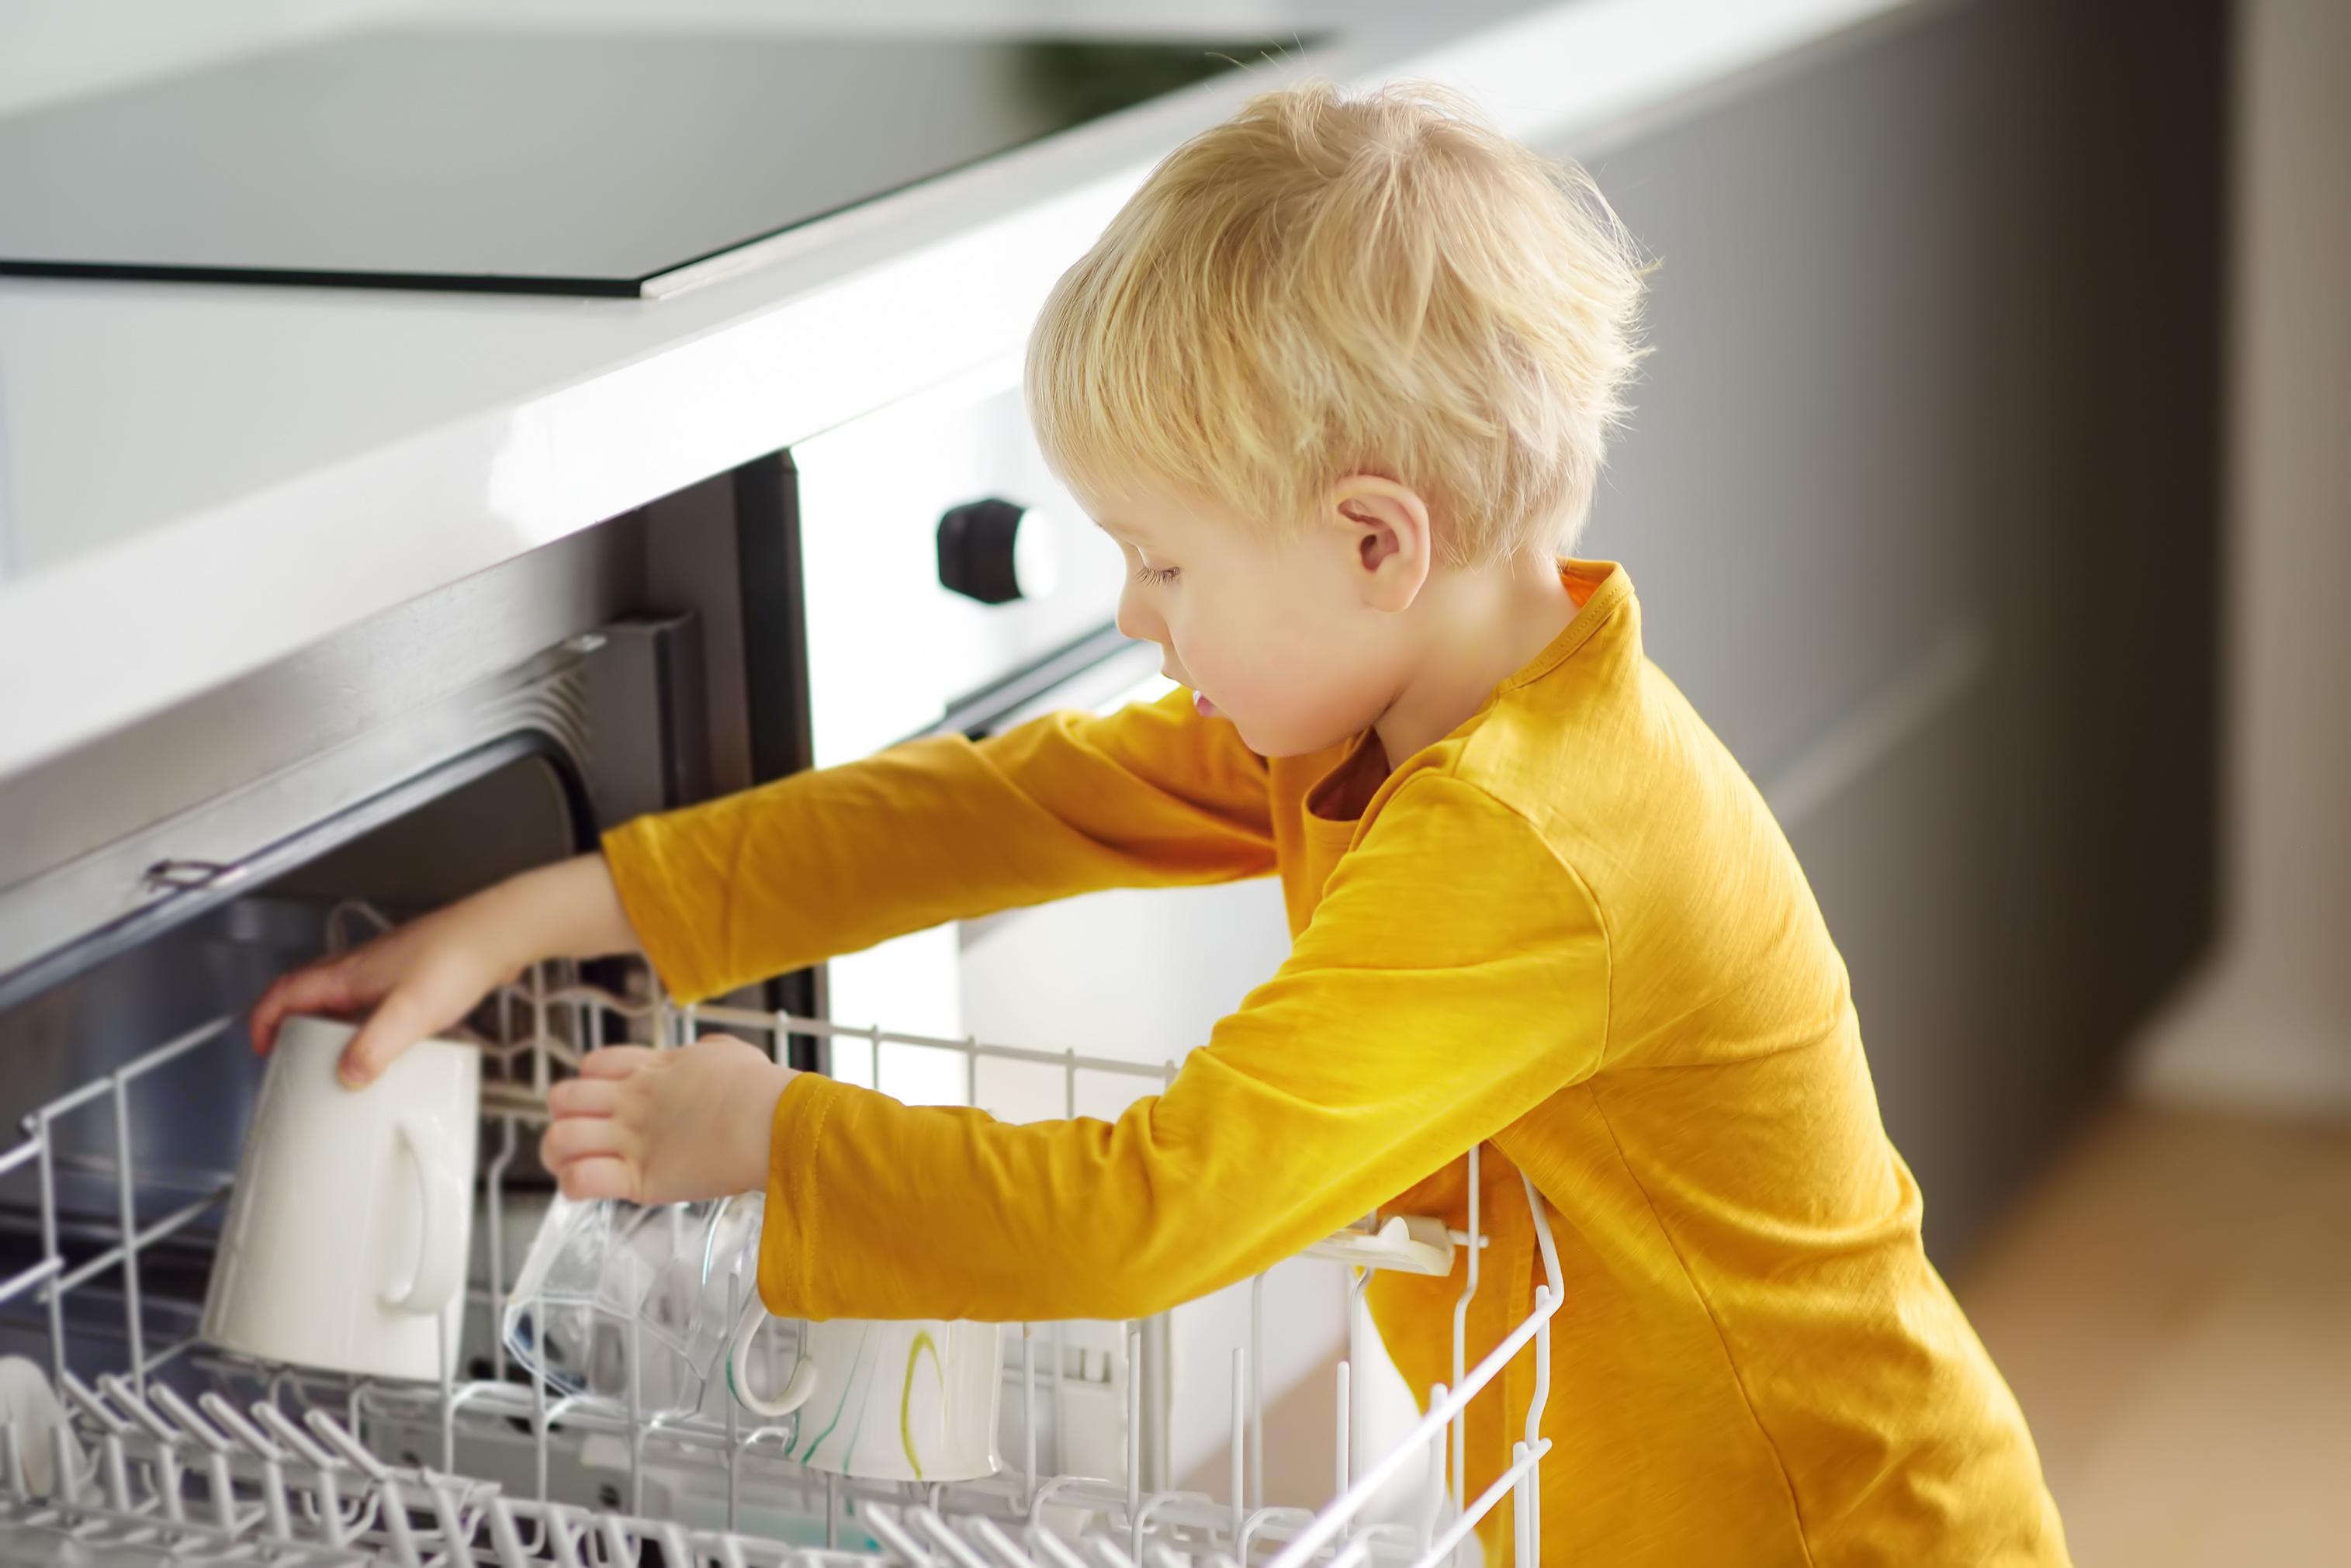 Zmywarka czy mycie ręczne?